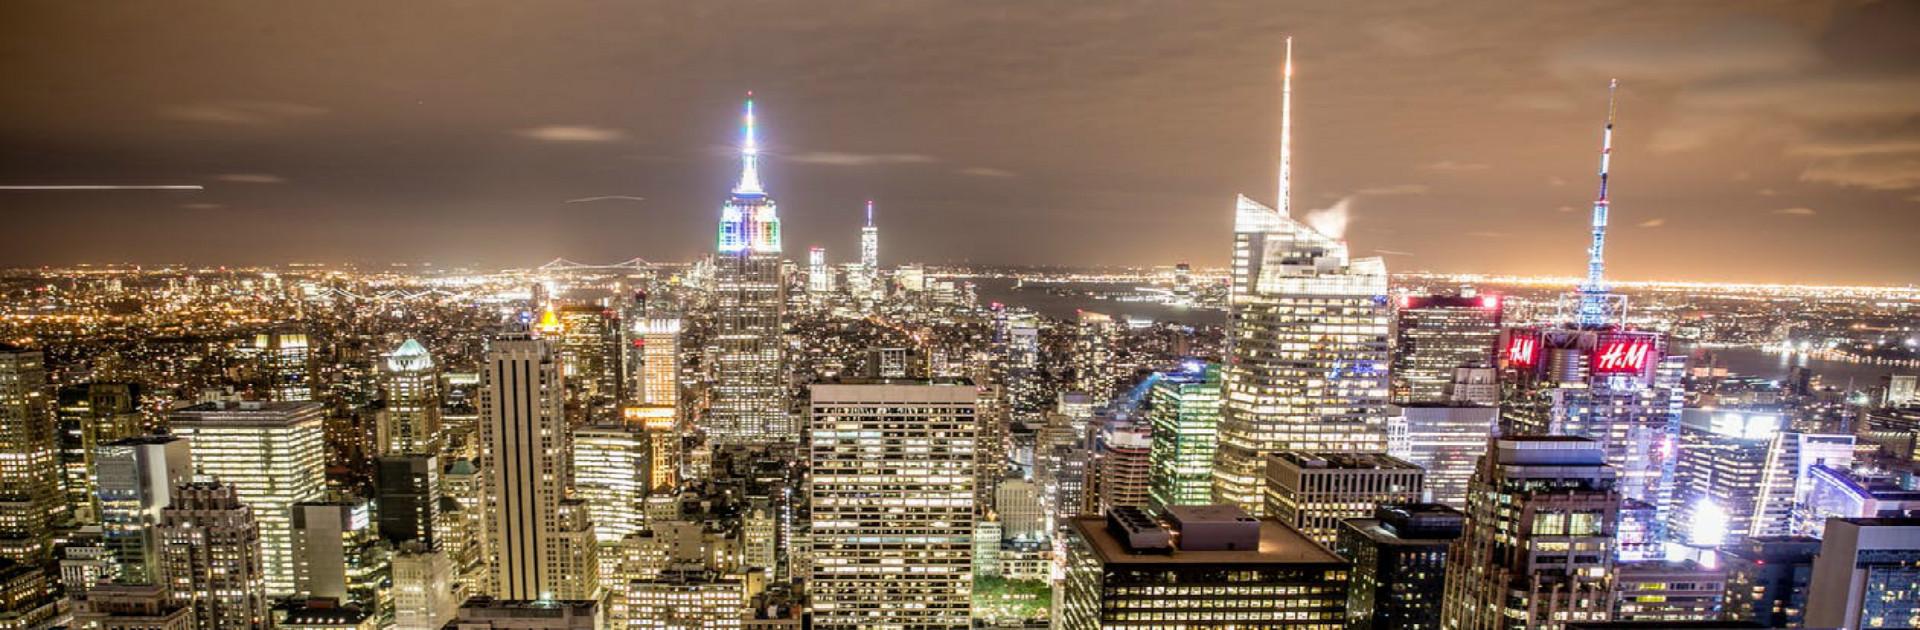 beograd njujork promocija avio karata